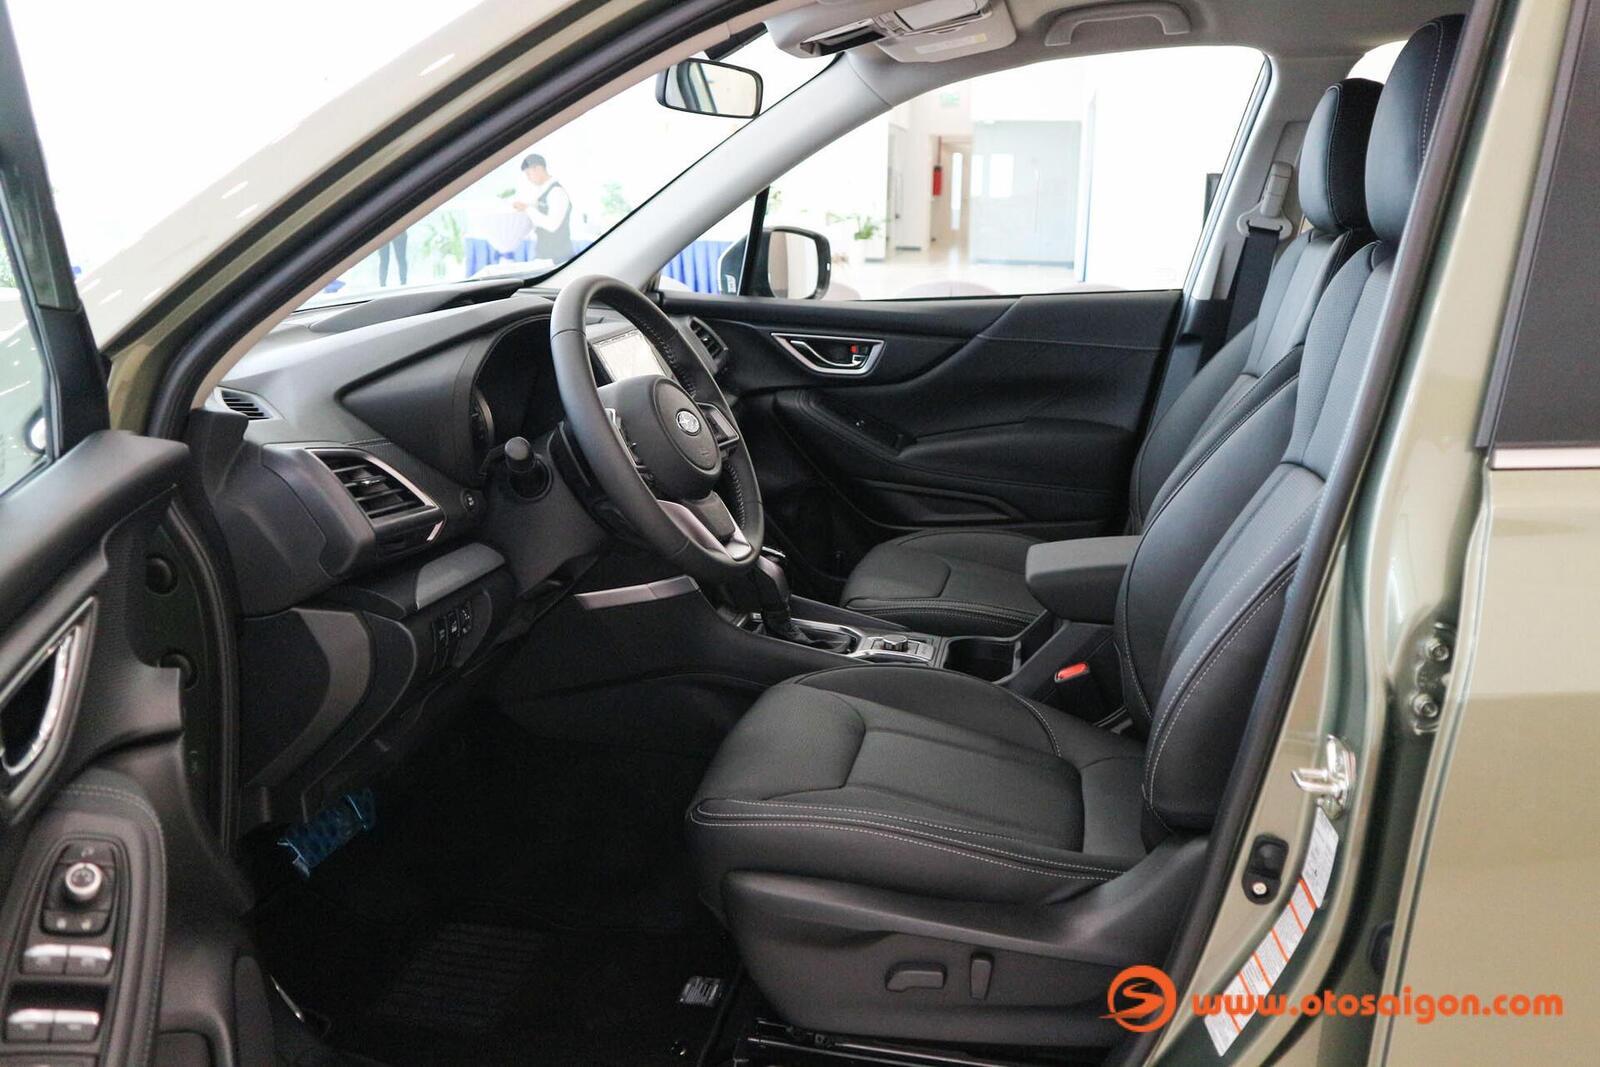 Cận cảnh Subaru Forester thế hệ mới nhập Thái sắp ra mắt tại Việt Nam | SUBARU - Hình 8